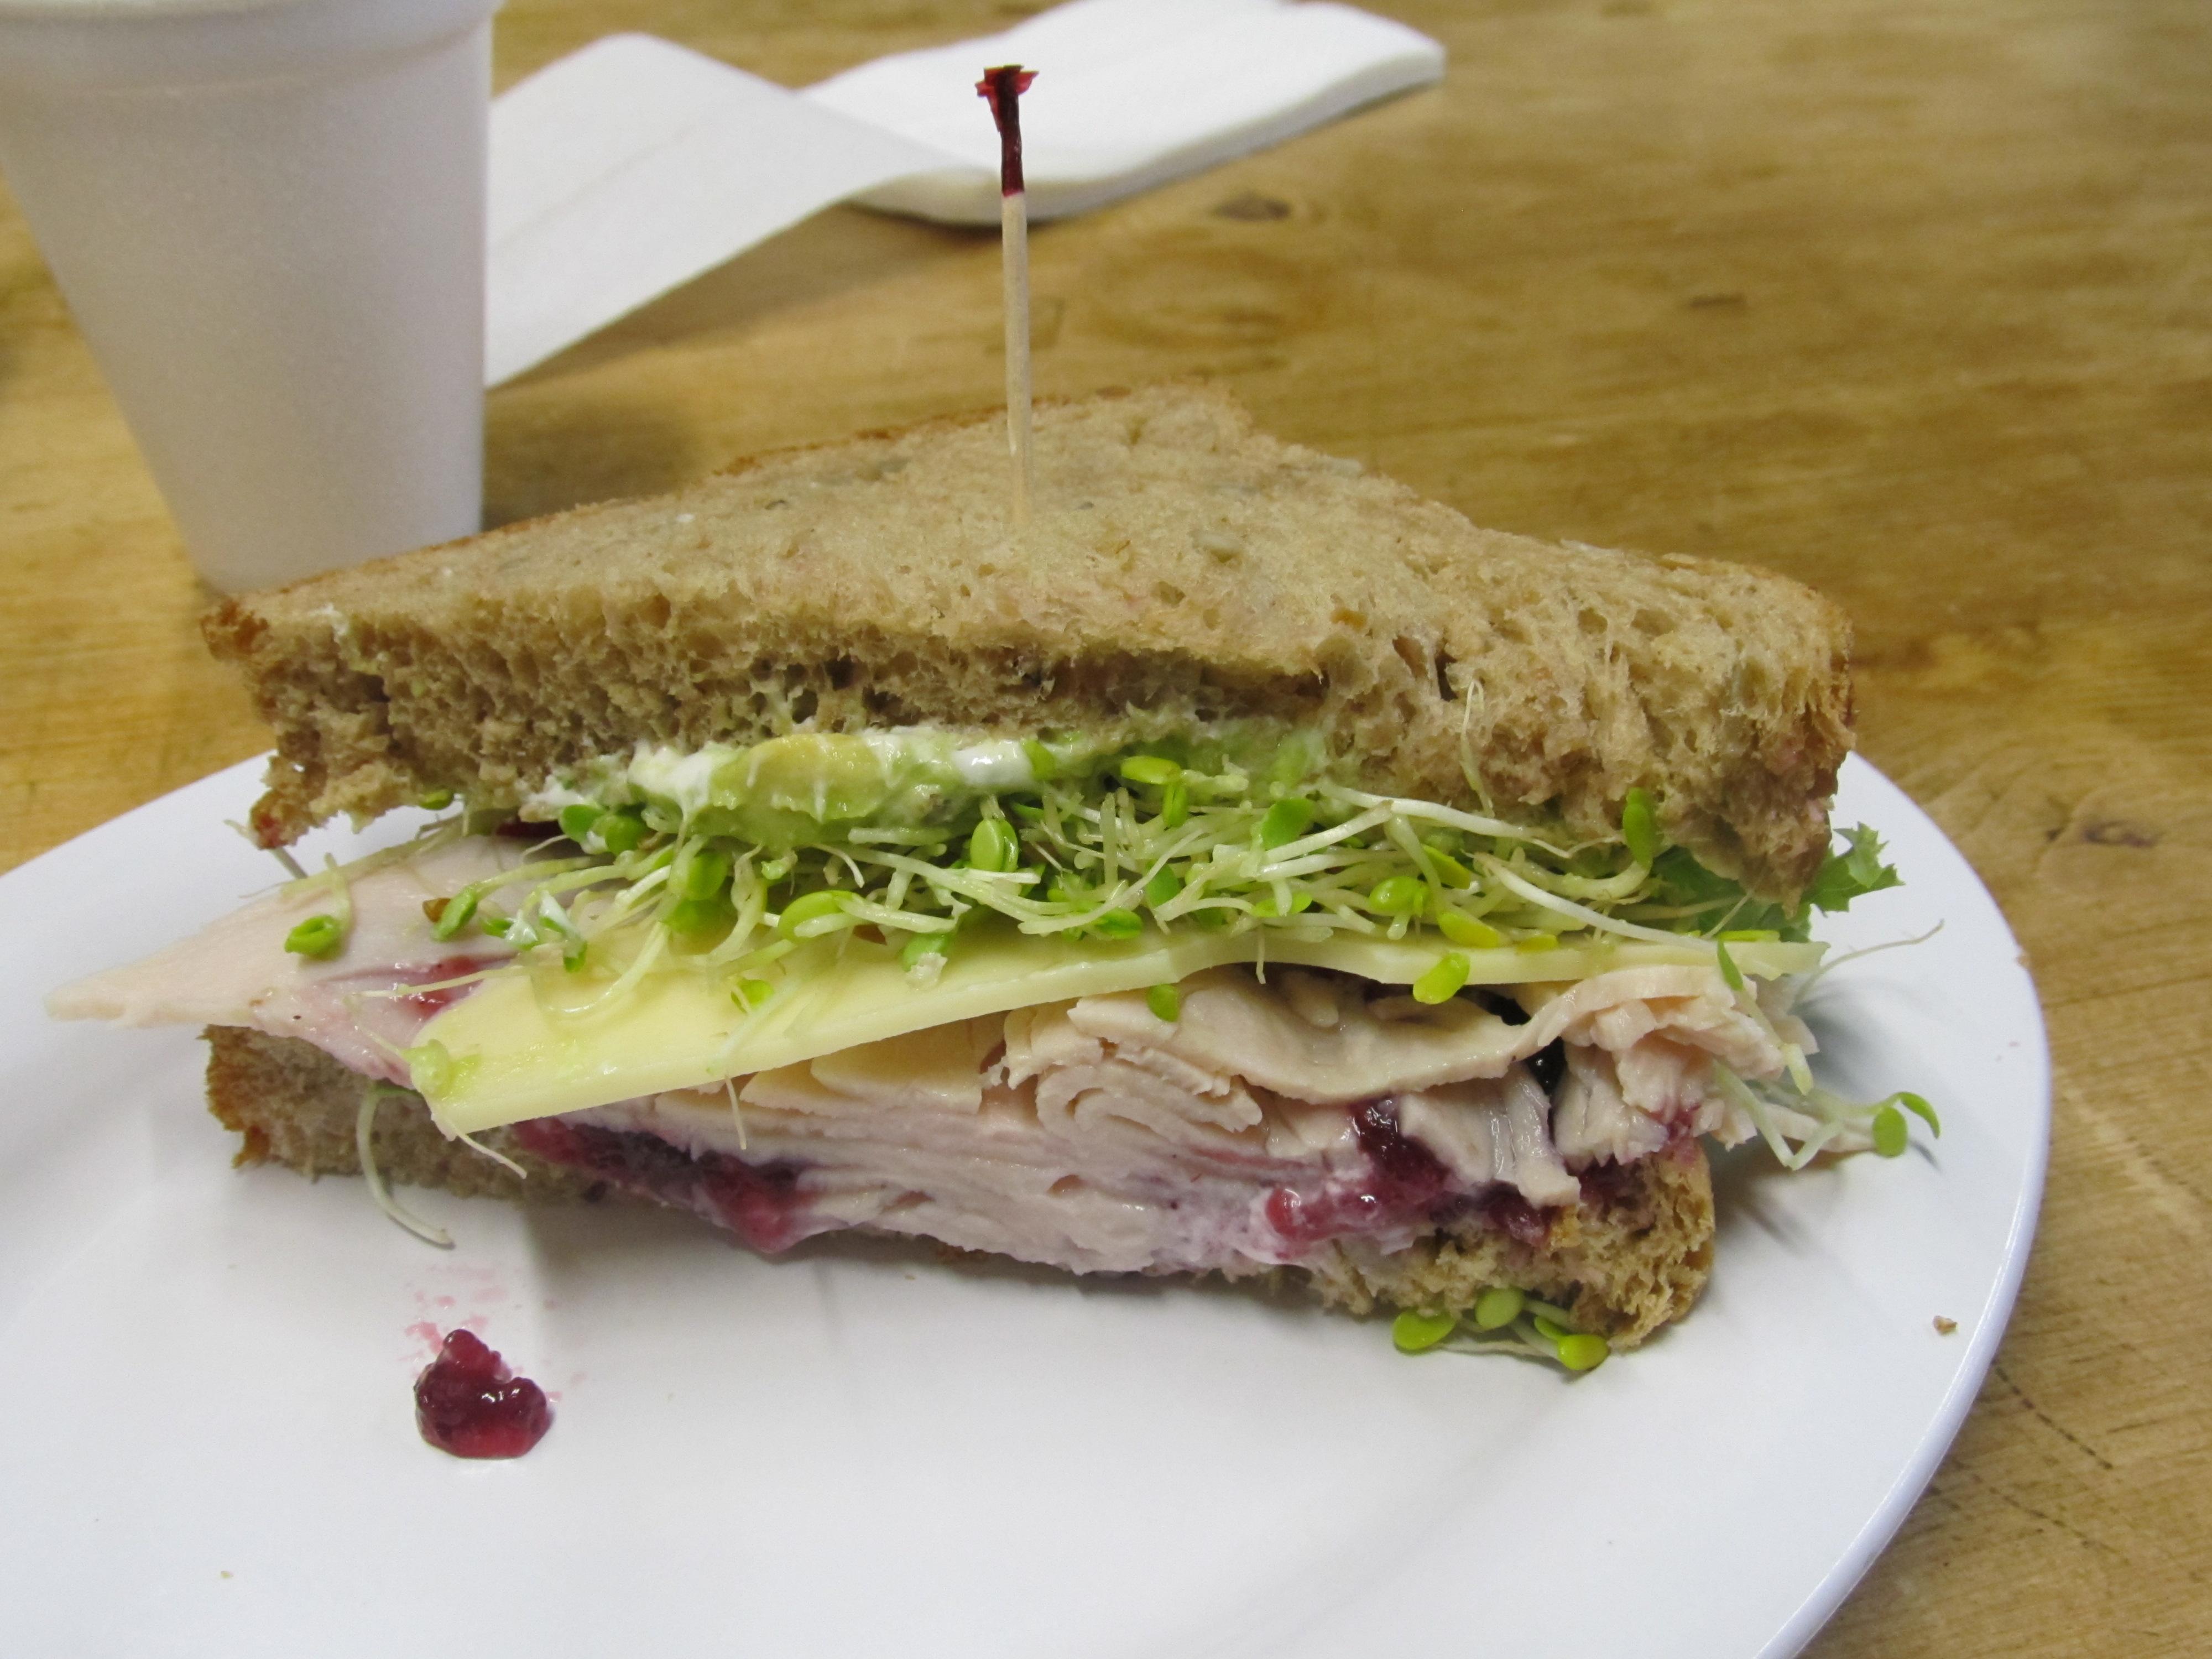 Scrumptious Turkey Sandwich